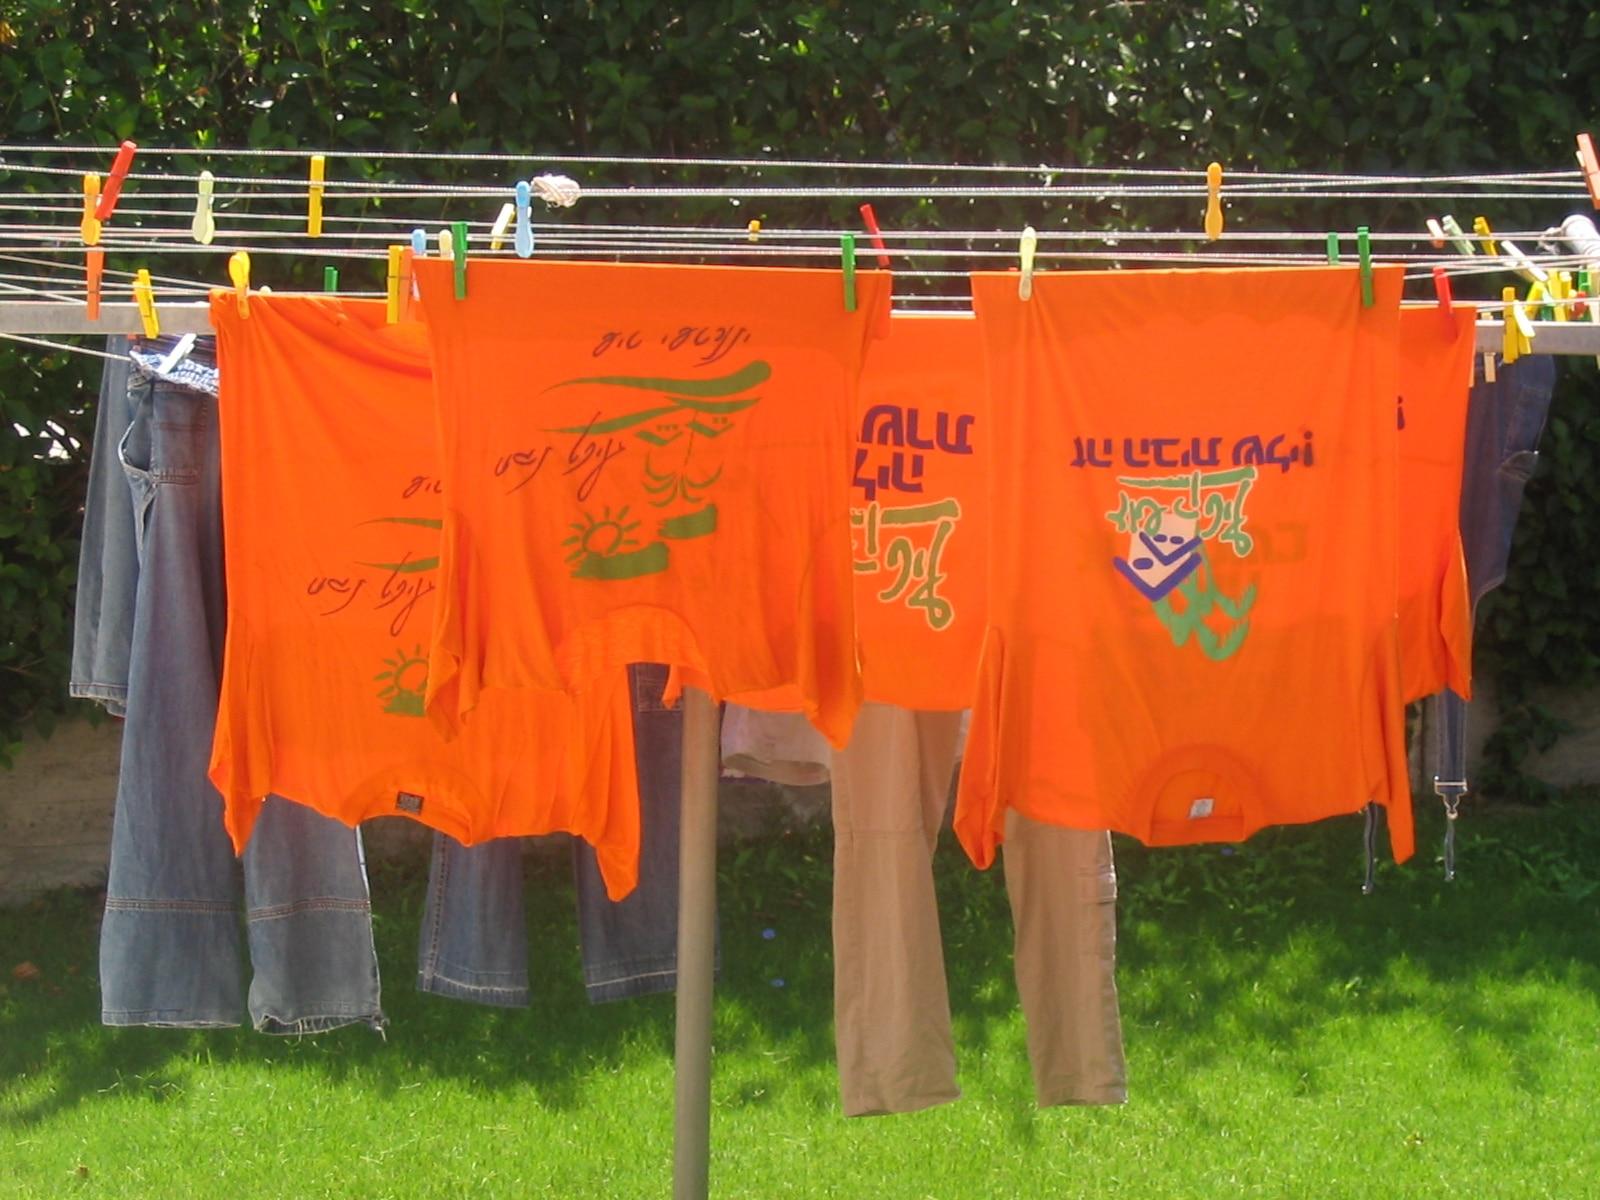 The orange campaign